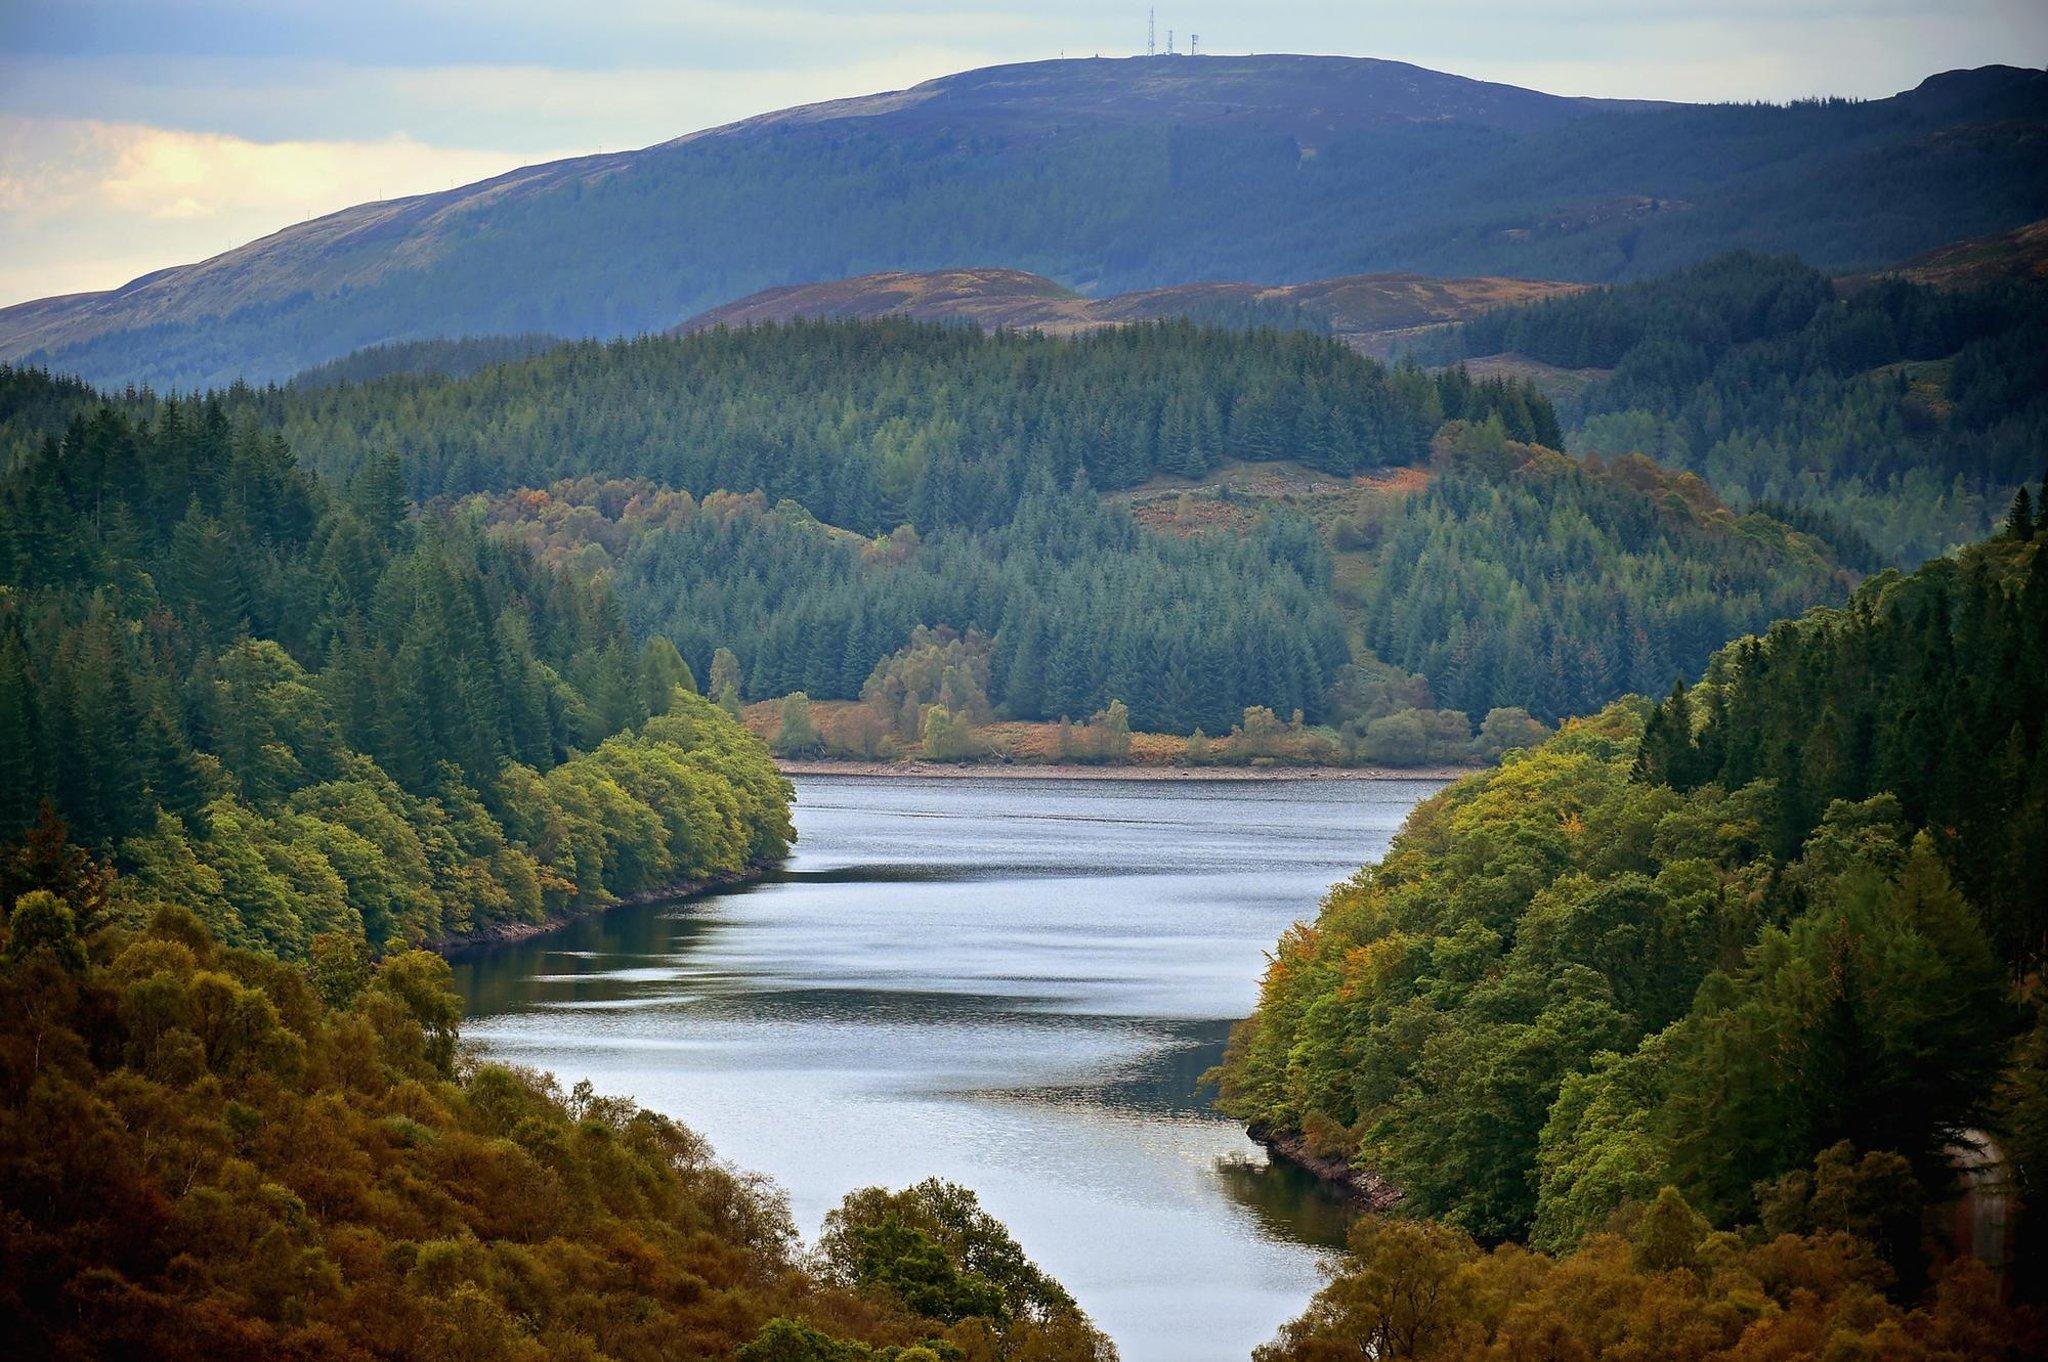 Perubahan iklim: 'Green lairds' dan investor yang membeli tanah Skotlandia sebagai penyimpan karbon perlu menyadari tanggung jawab mereka – Hamish Trench, Scottish Land Commission